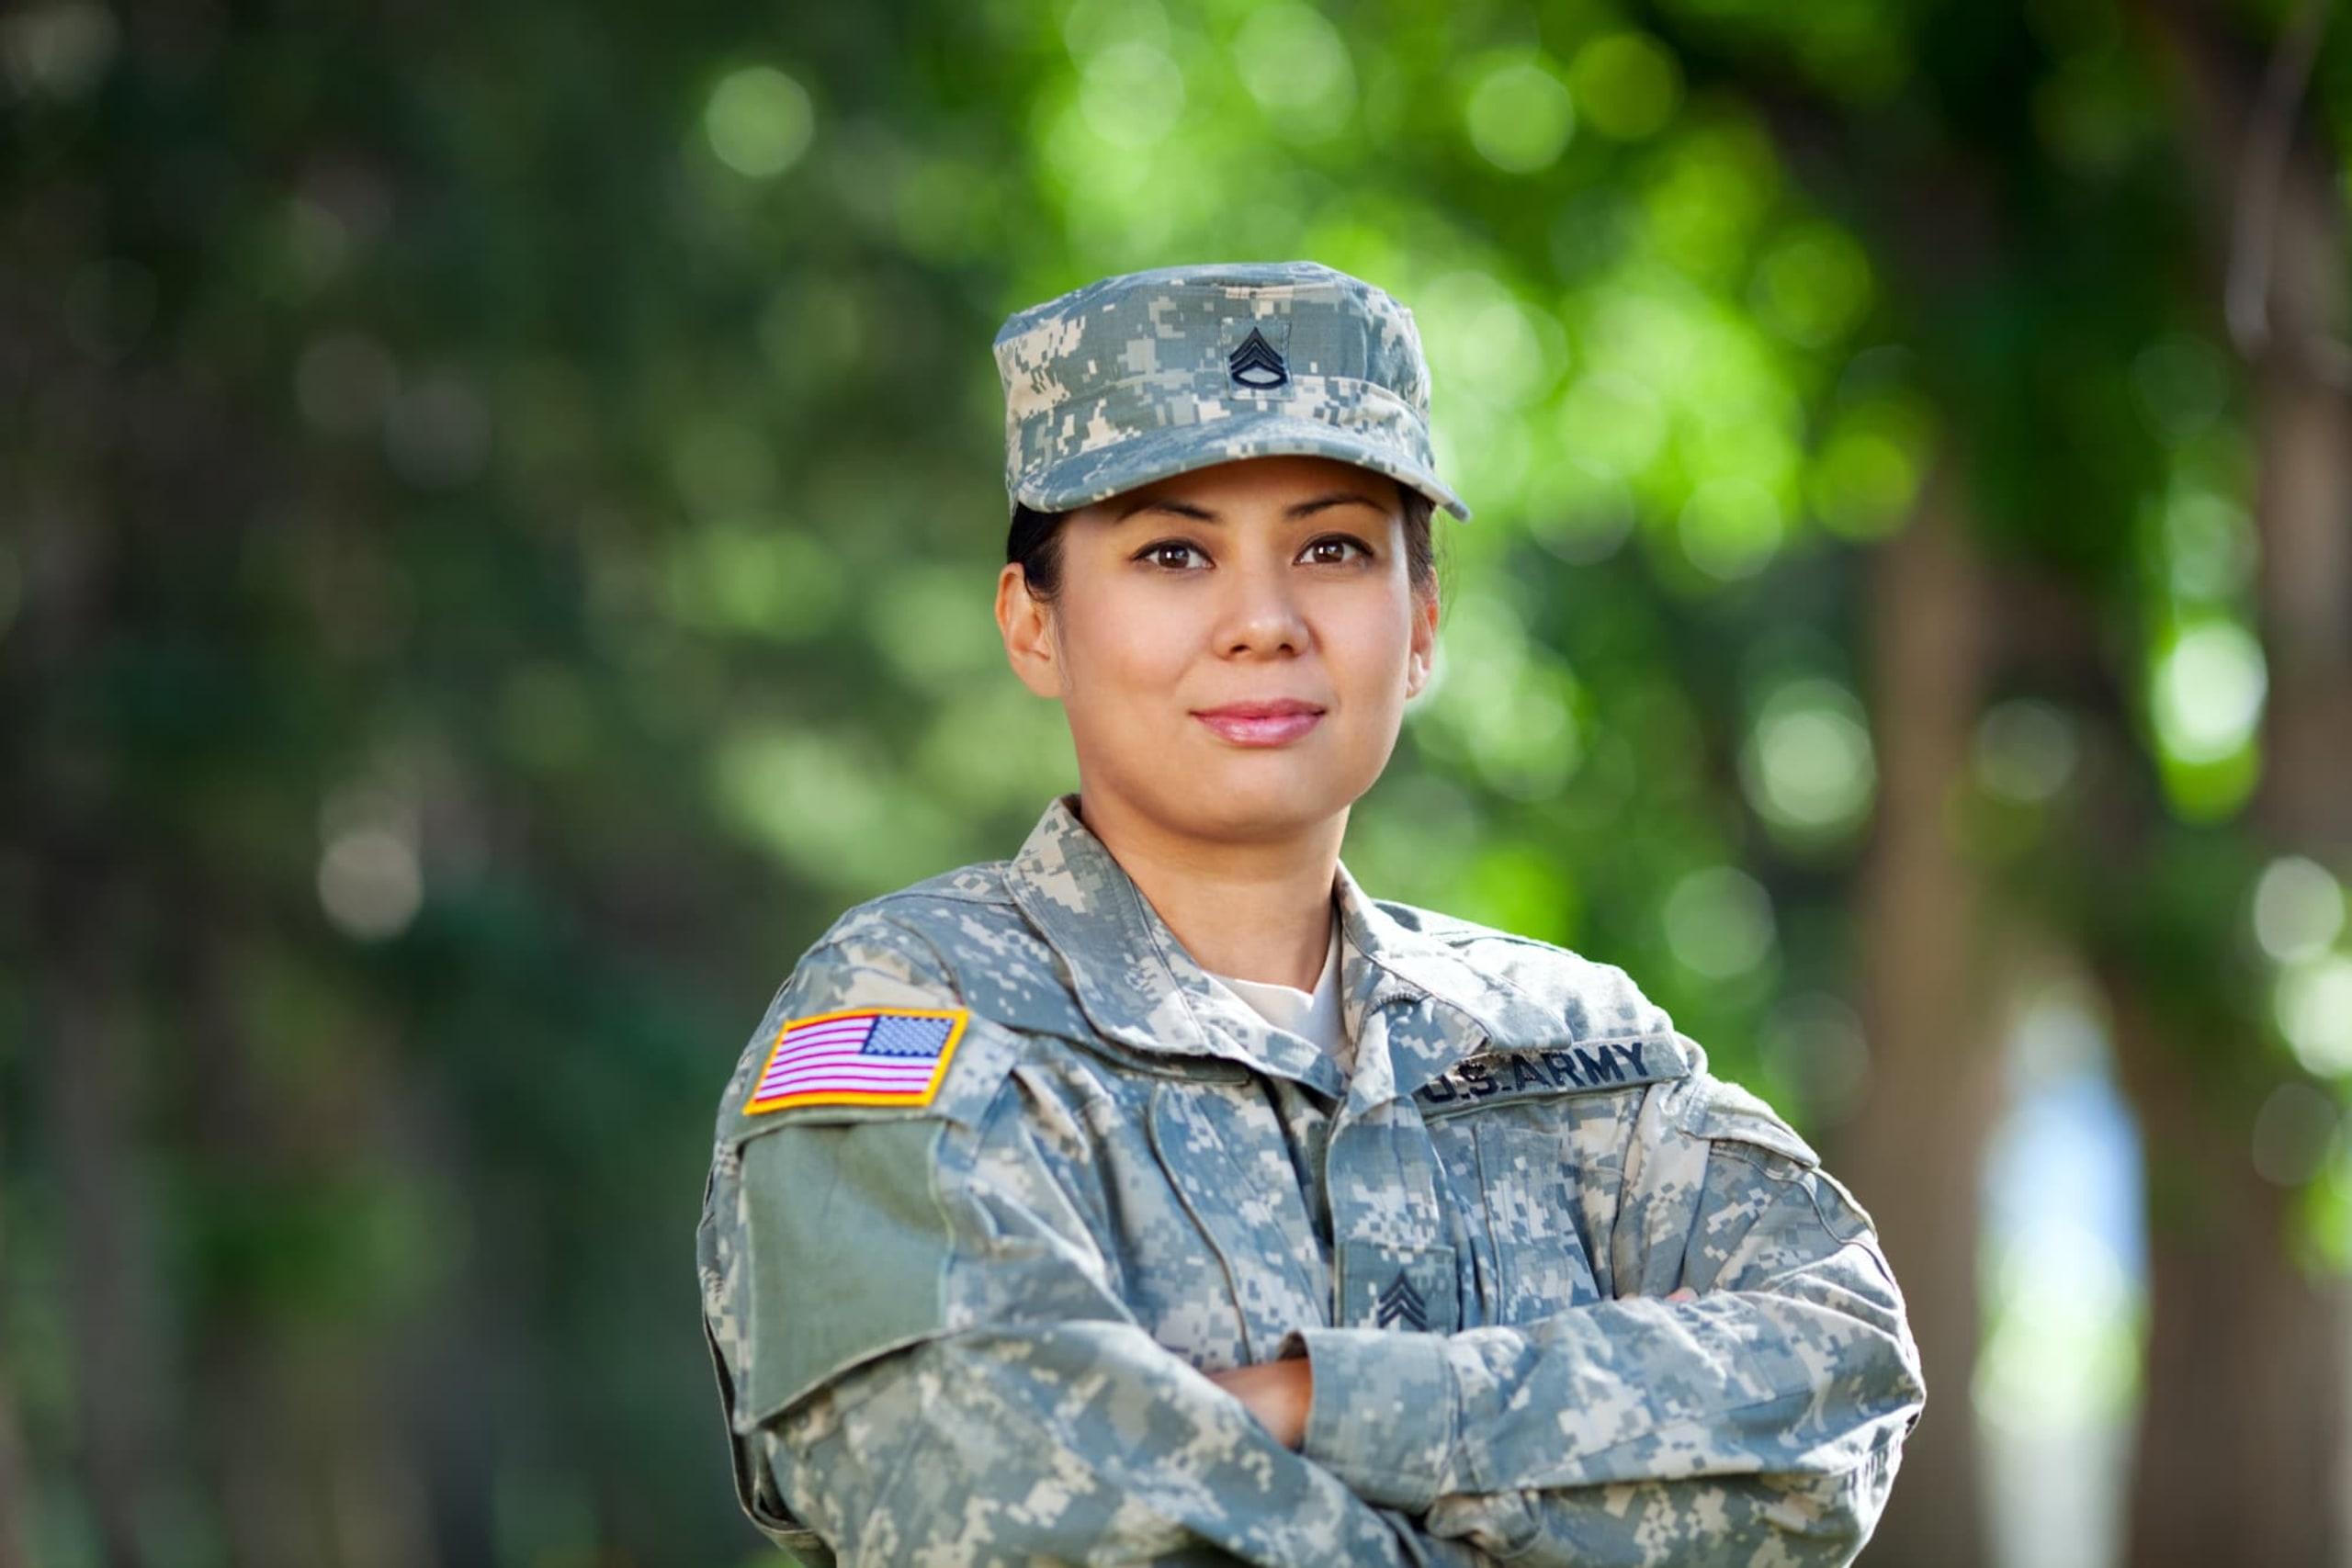 Higher Education for Military Veterans